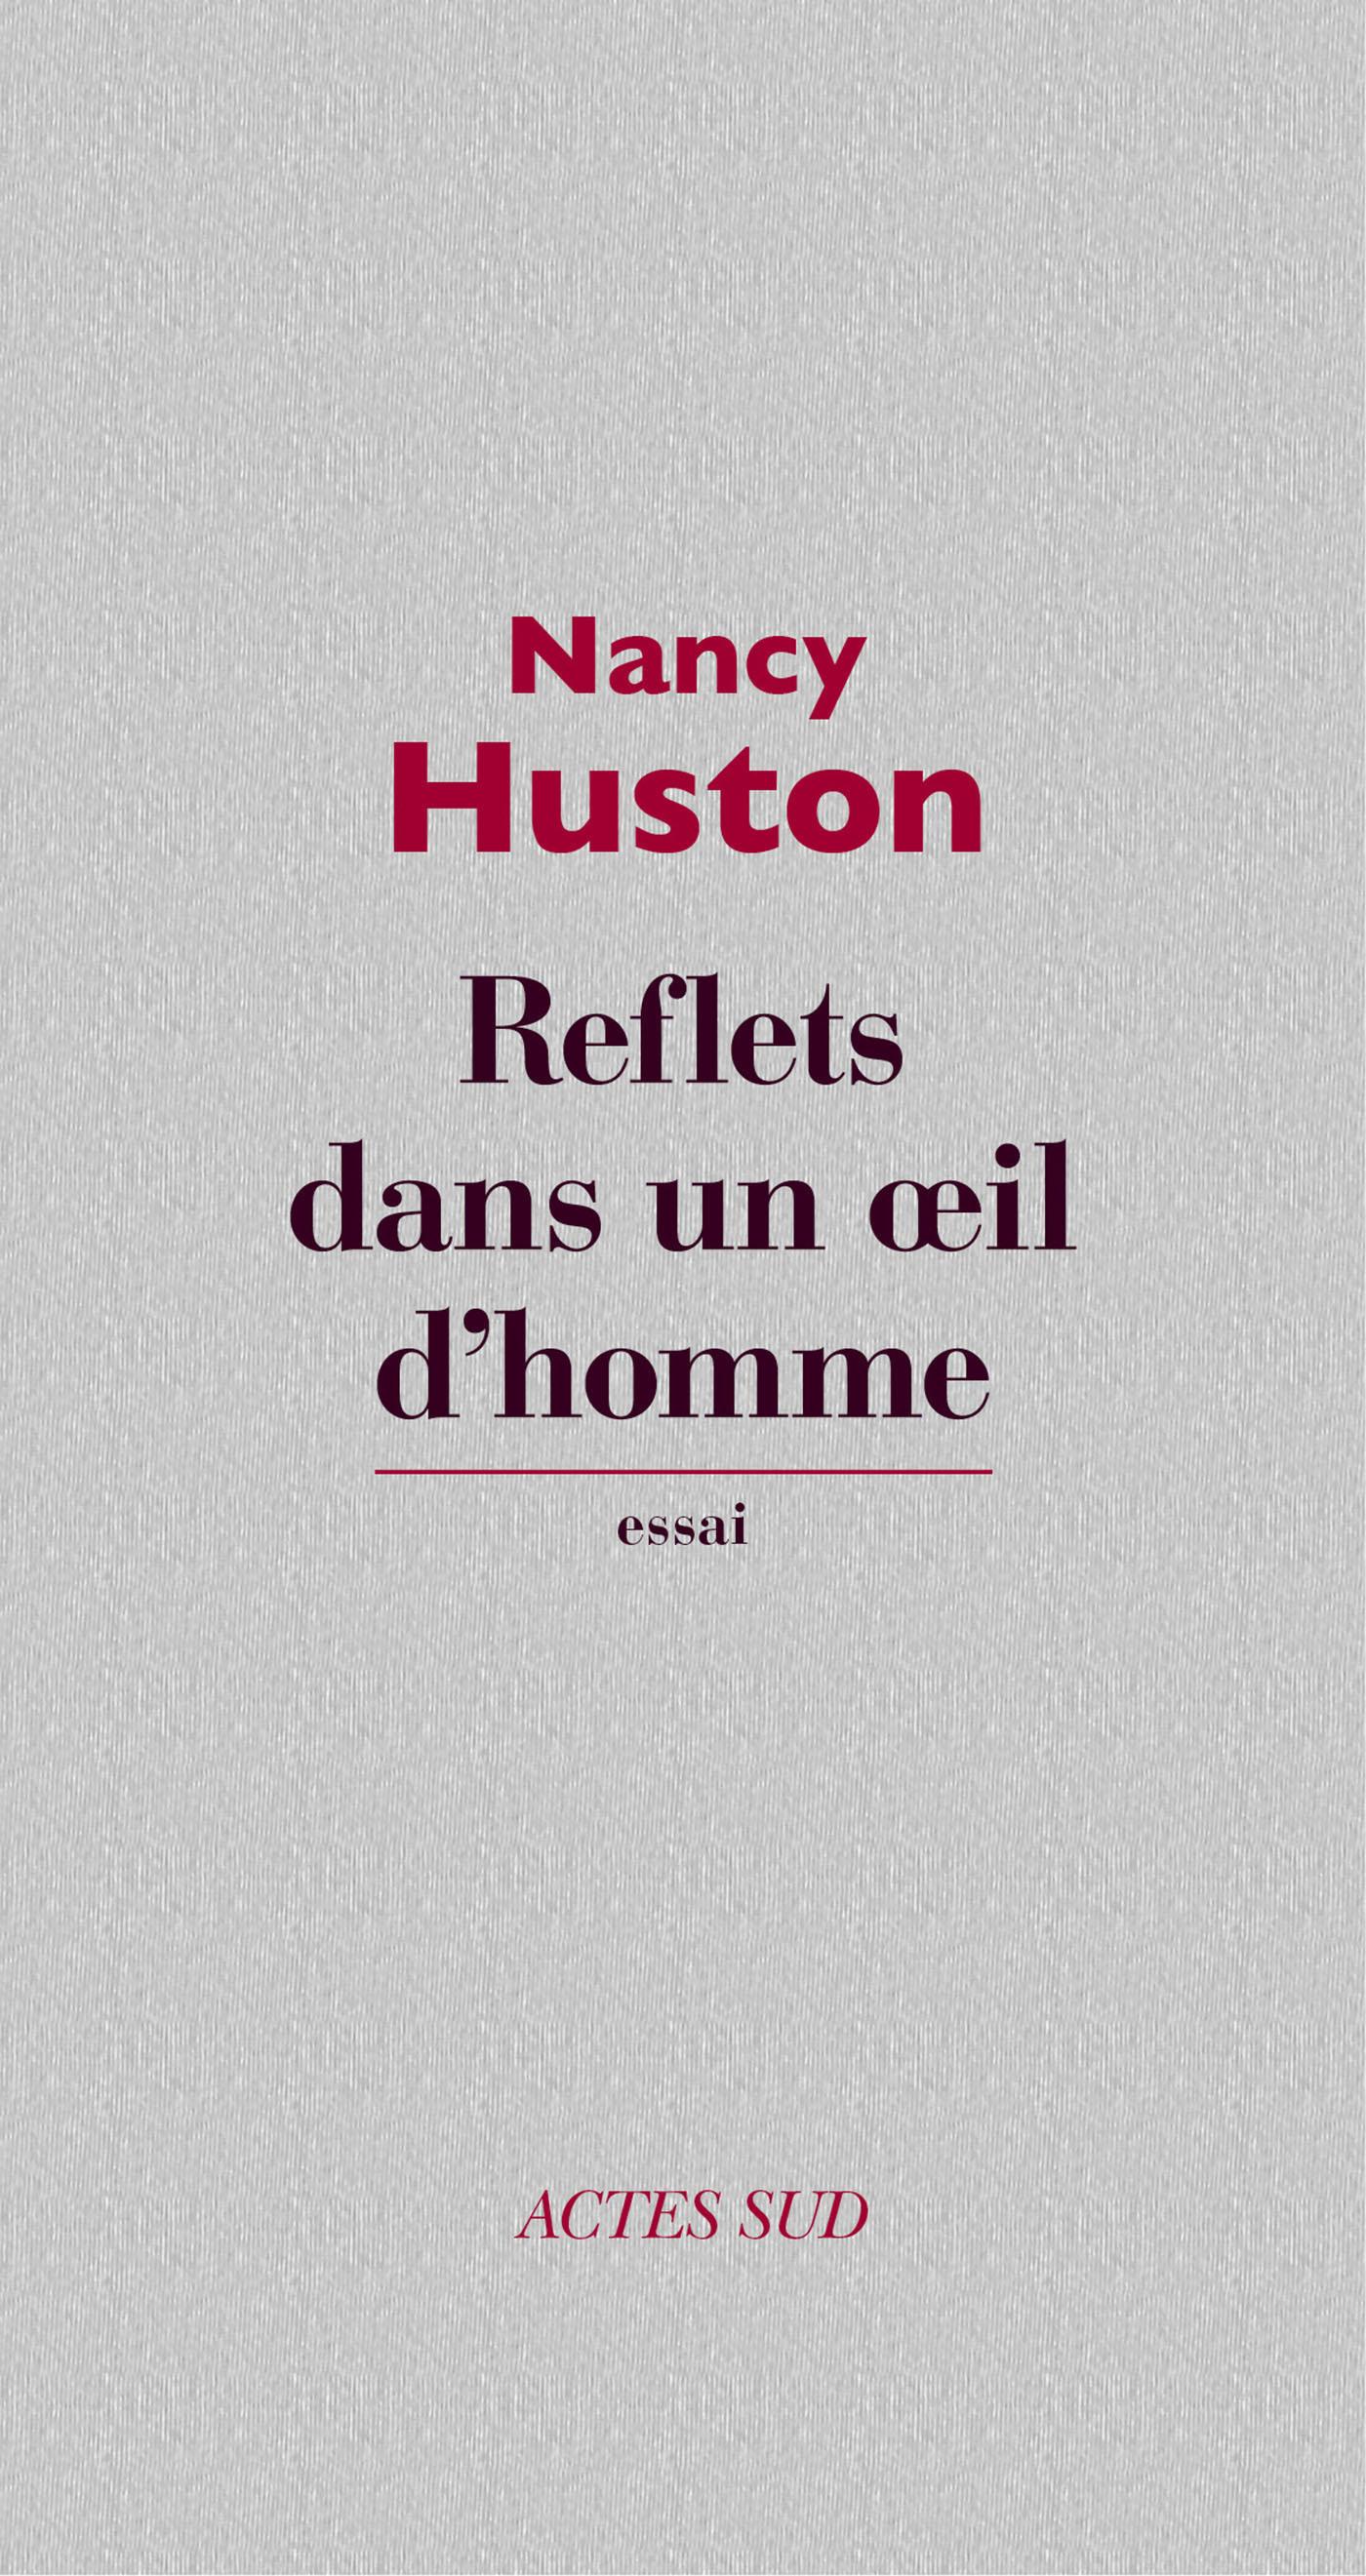 Couverture : Reflets dans un oeil d'homme Nancy Huston